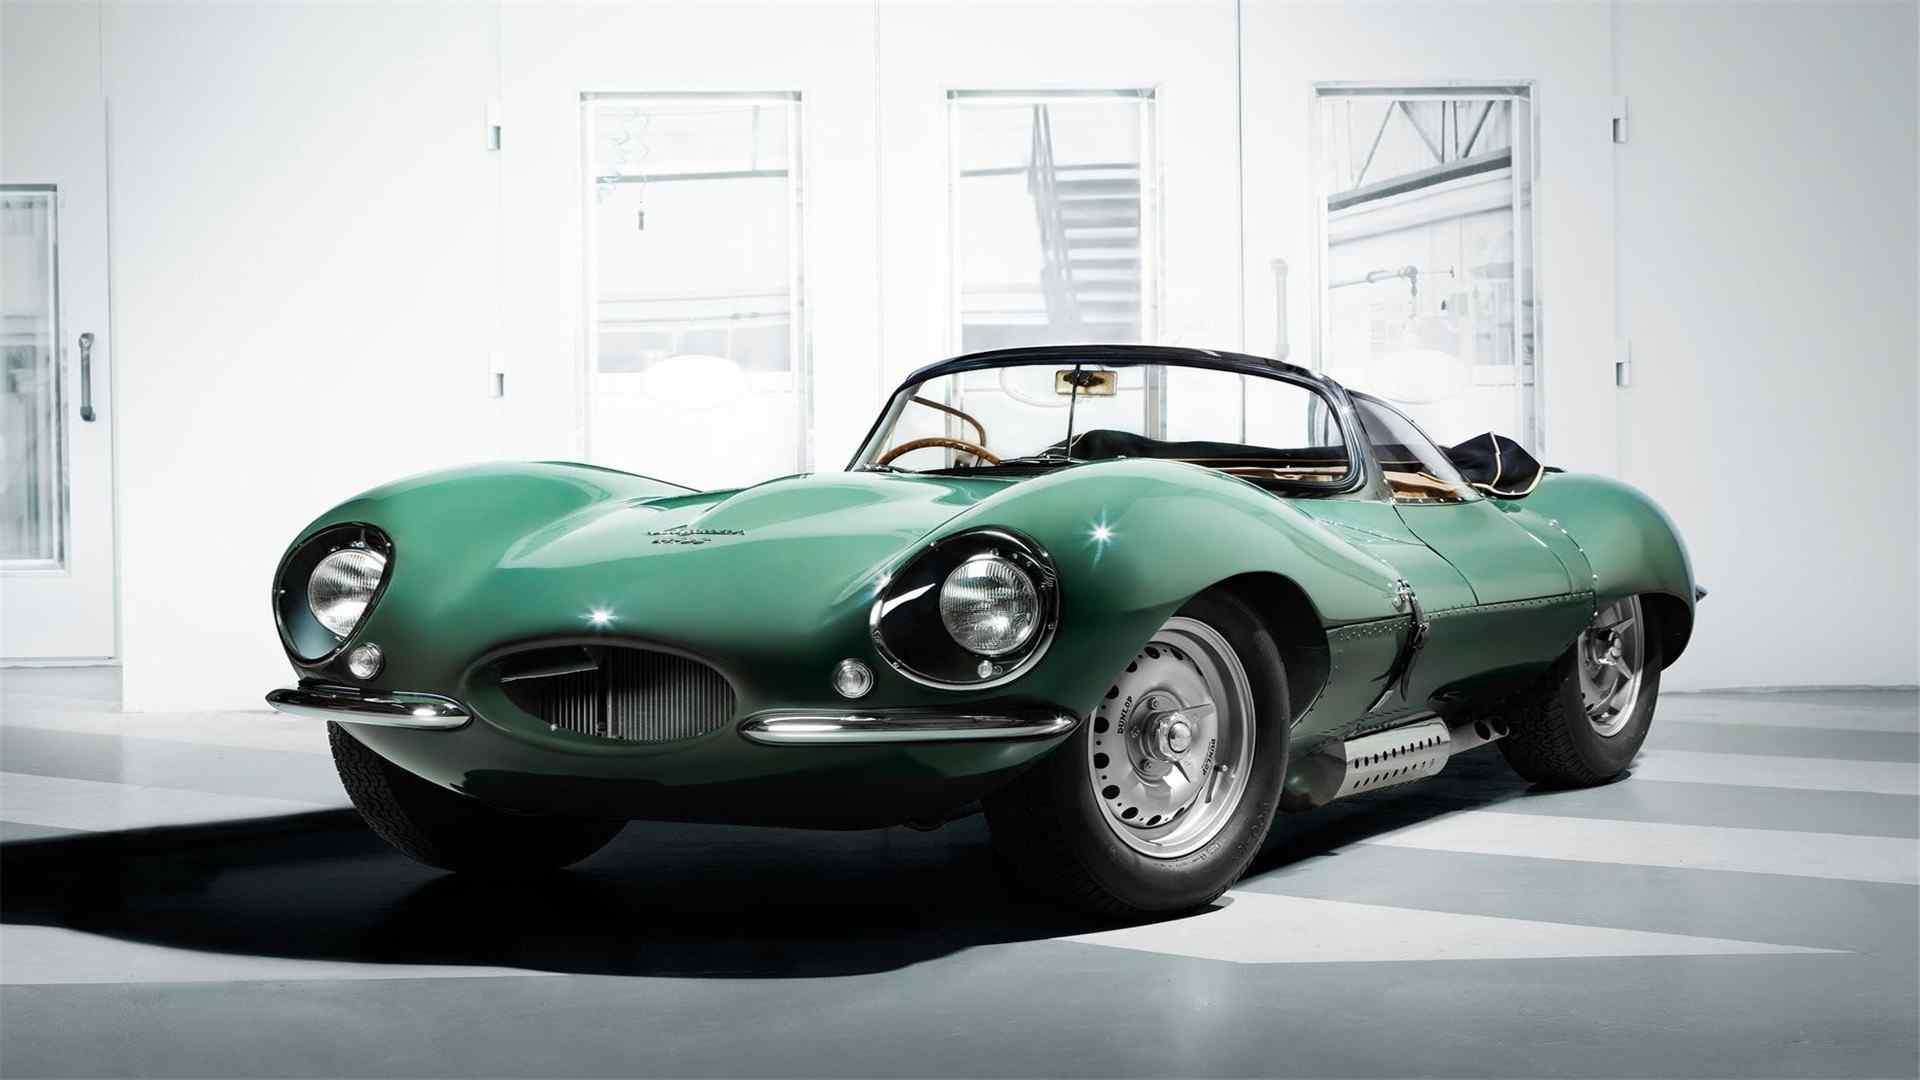 复古捷豹xkss57绿色跑车高清桌面壁纸